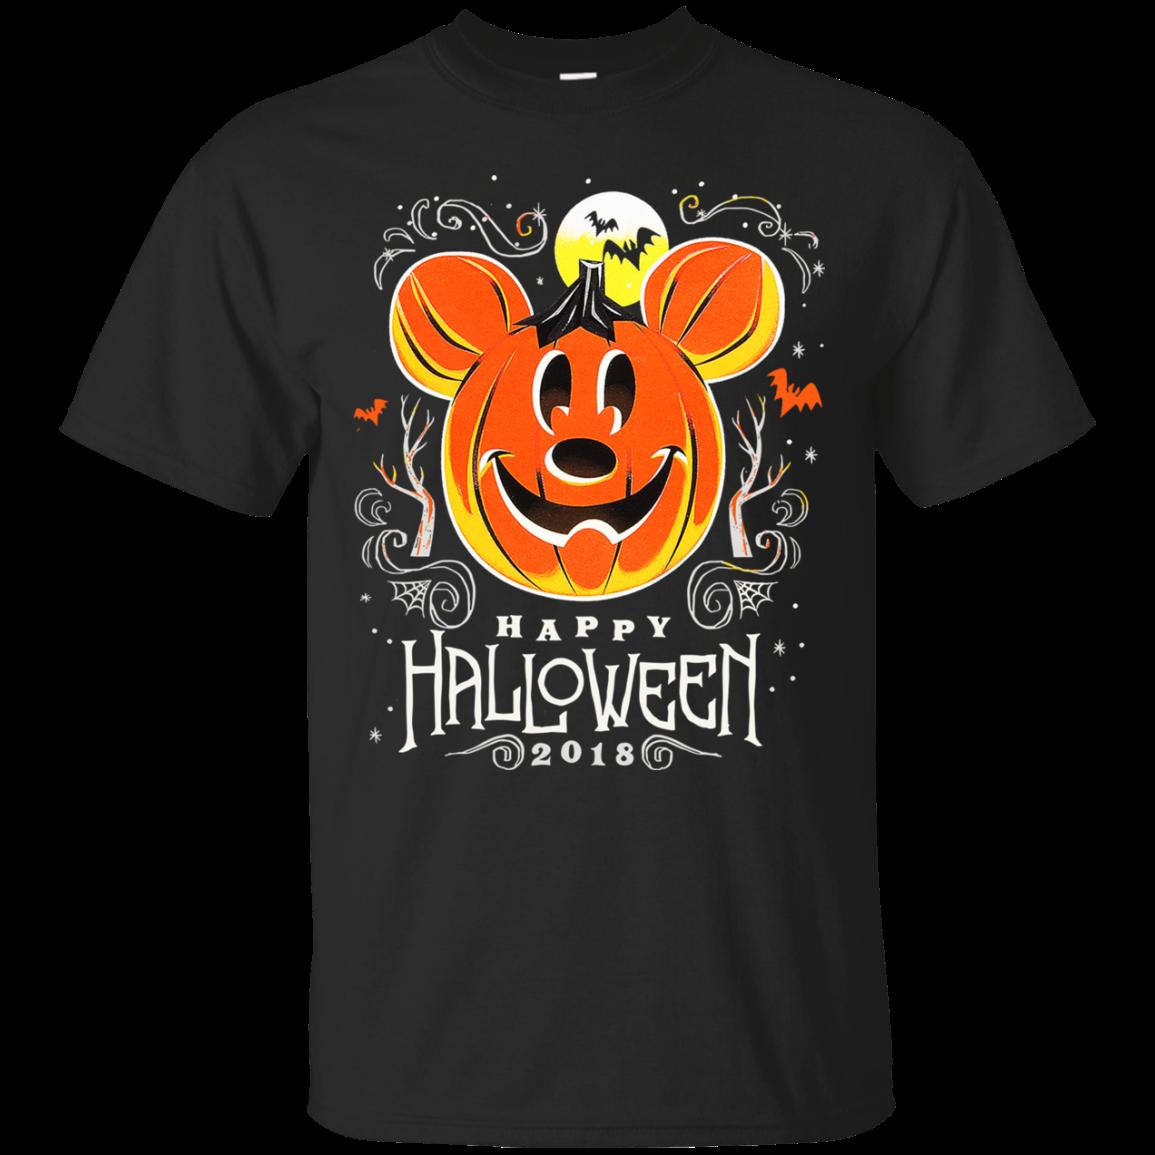 Disney Halloween 2018 XL Black Tshirt Hoodie Sweater